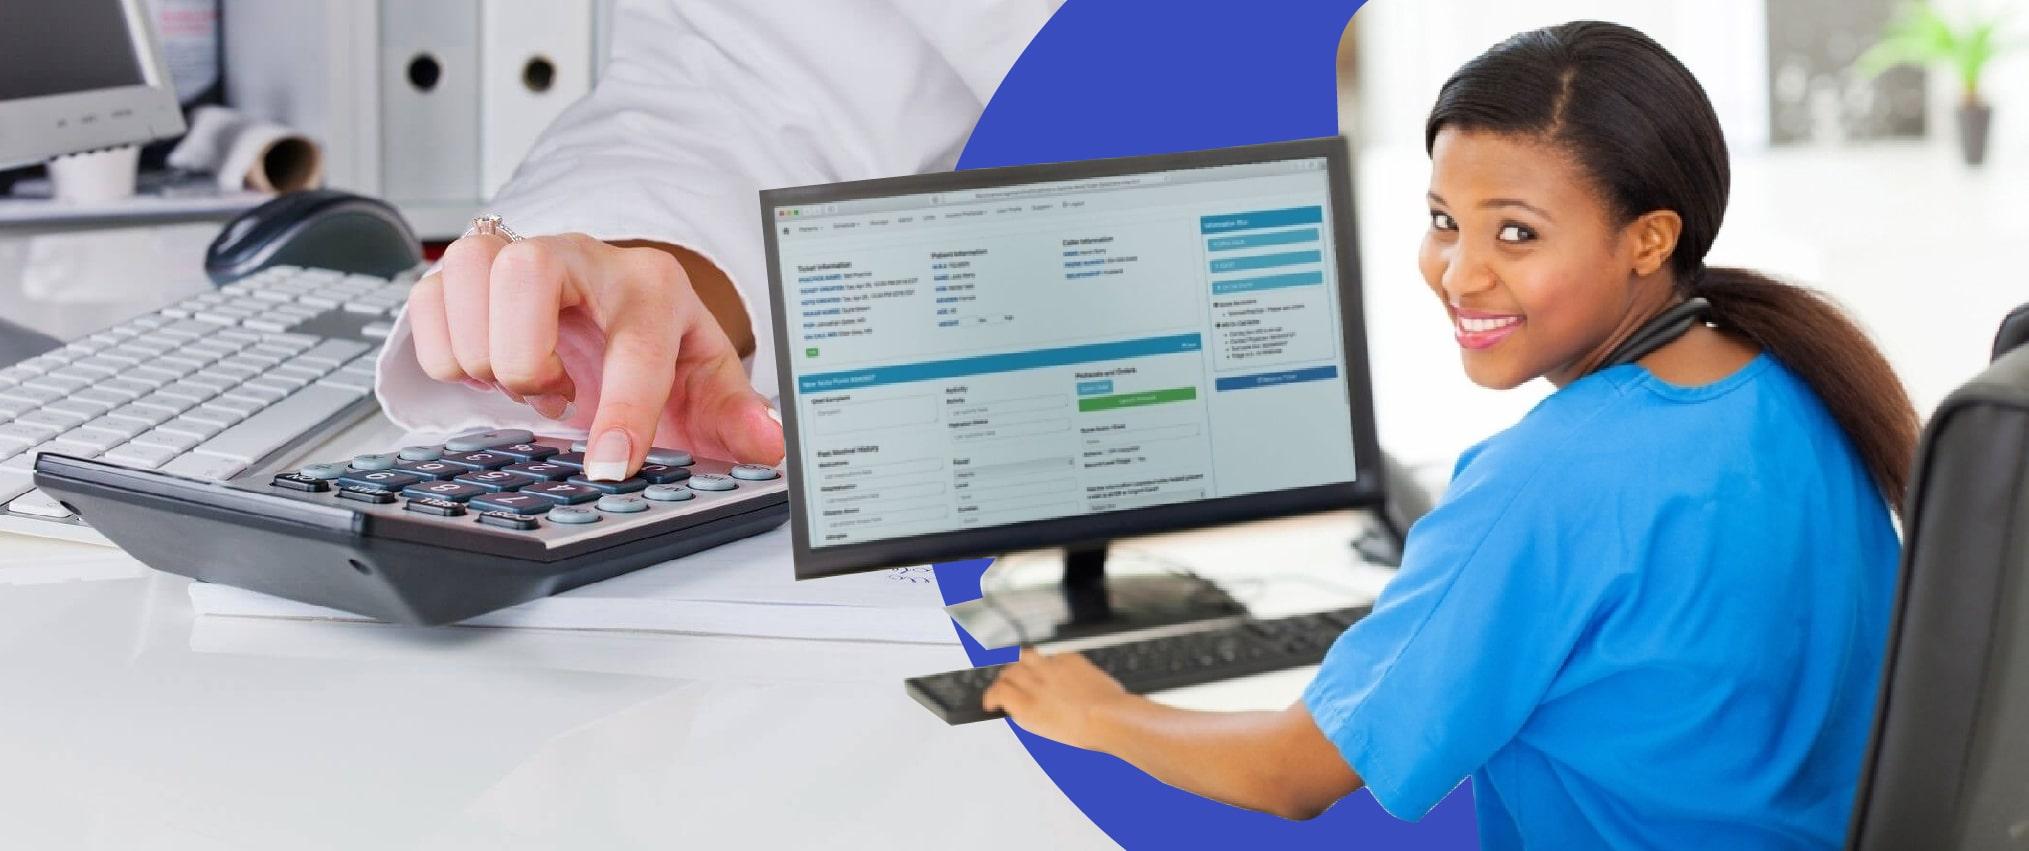 Evaluate a good medical billing service provider